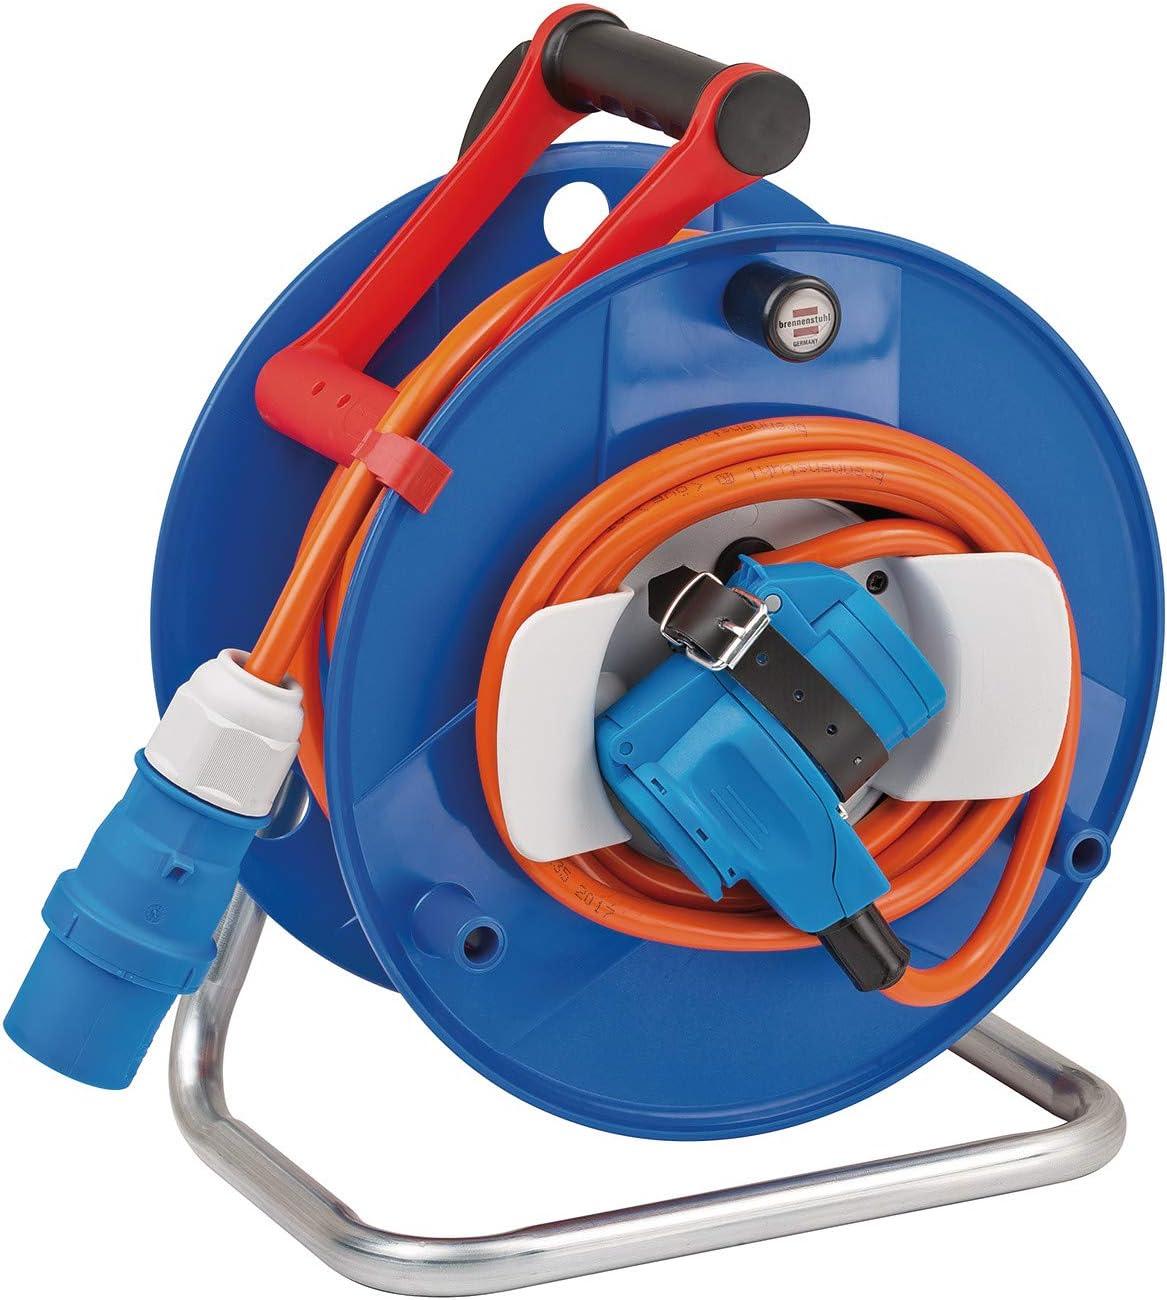 Brennenstuhl 1182450 Garant G CEE Enrouleur de câble pour camping/plaisance IP44, Multicolore